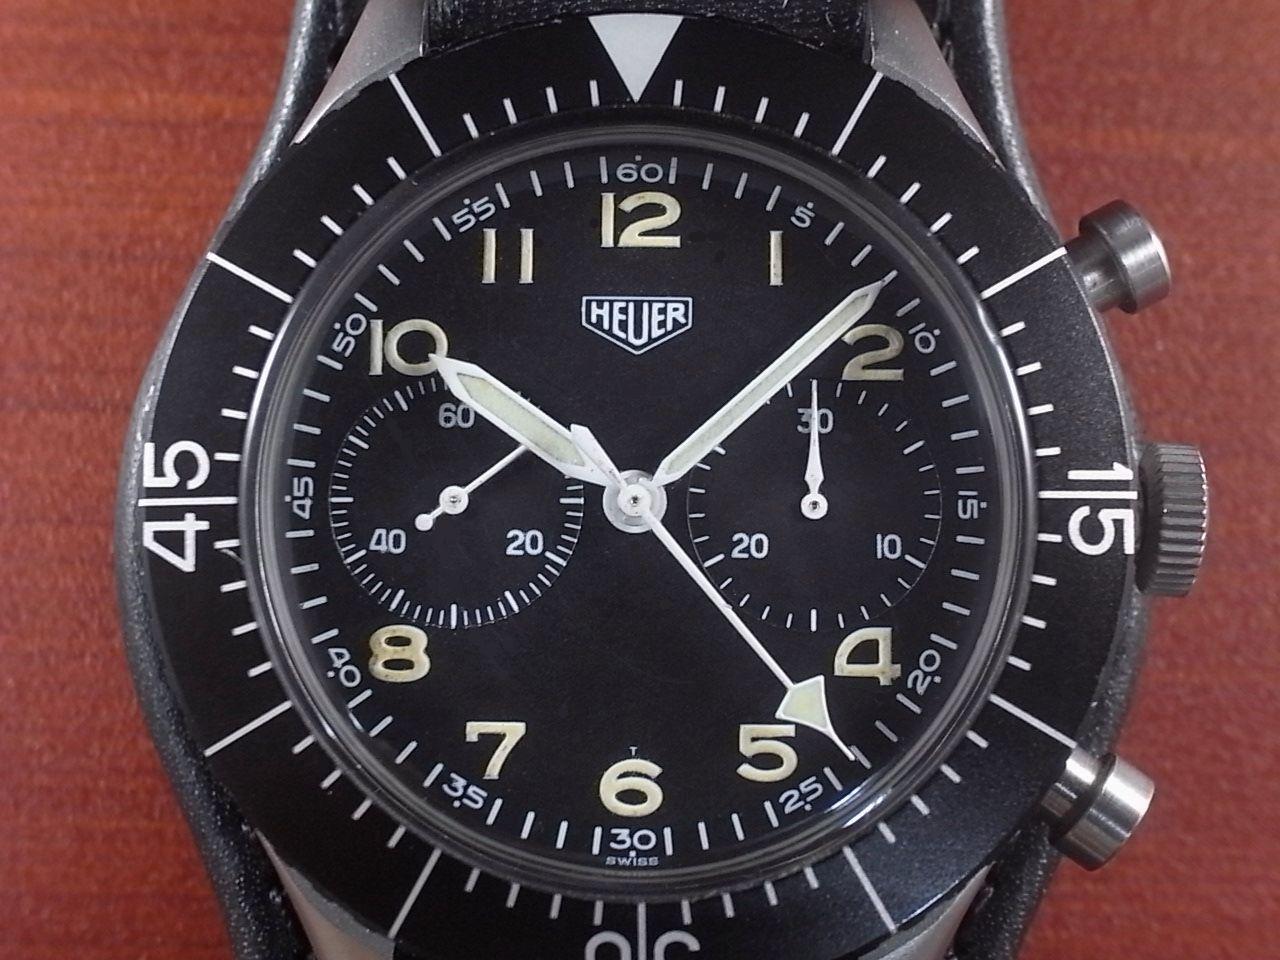 ホイヤー 軍用時計 西ドイツ空軍 Type.1550 SG フライバッククロノグラフ 1960年代の写真2枚目